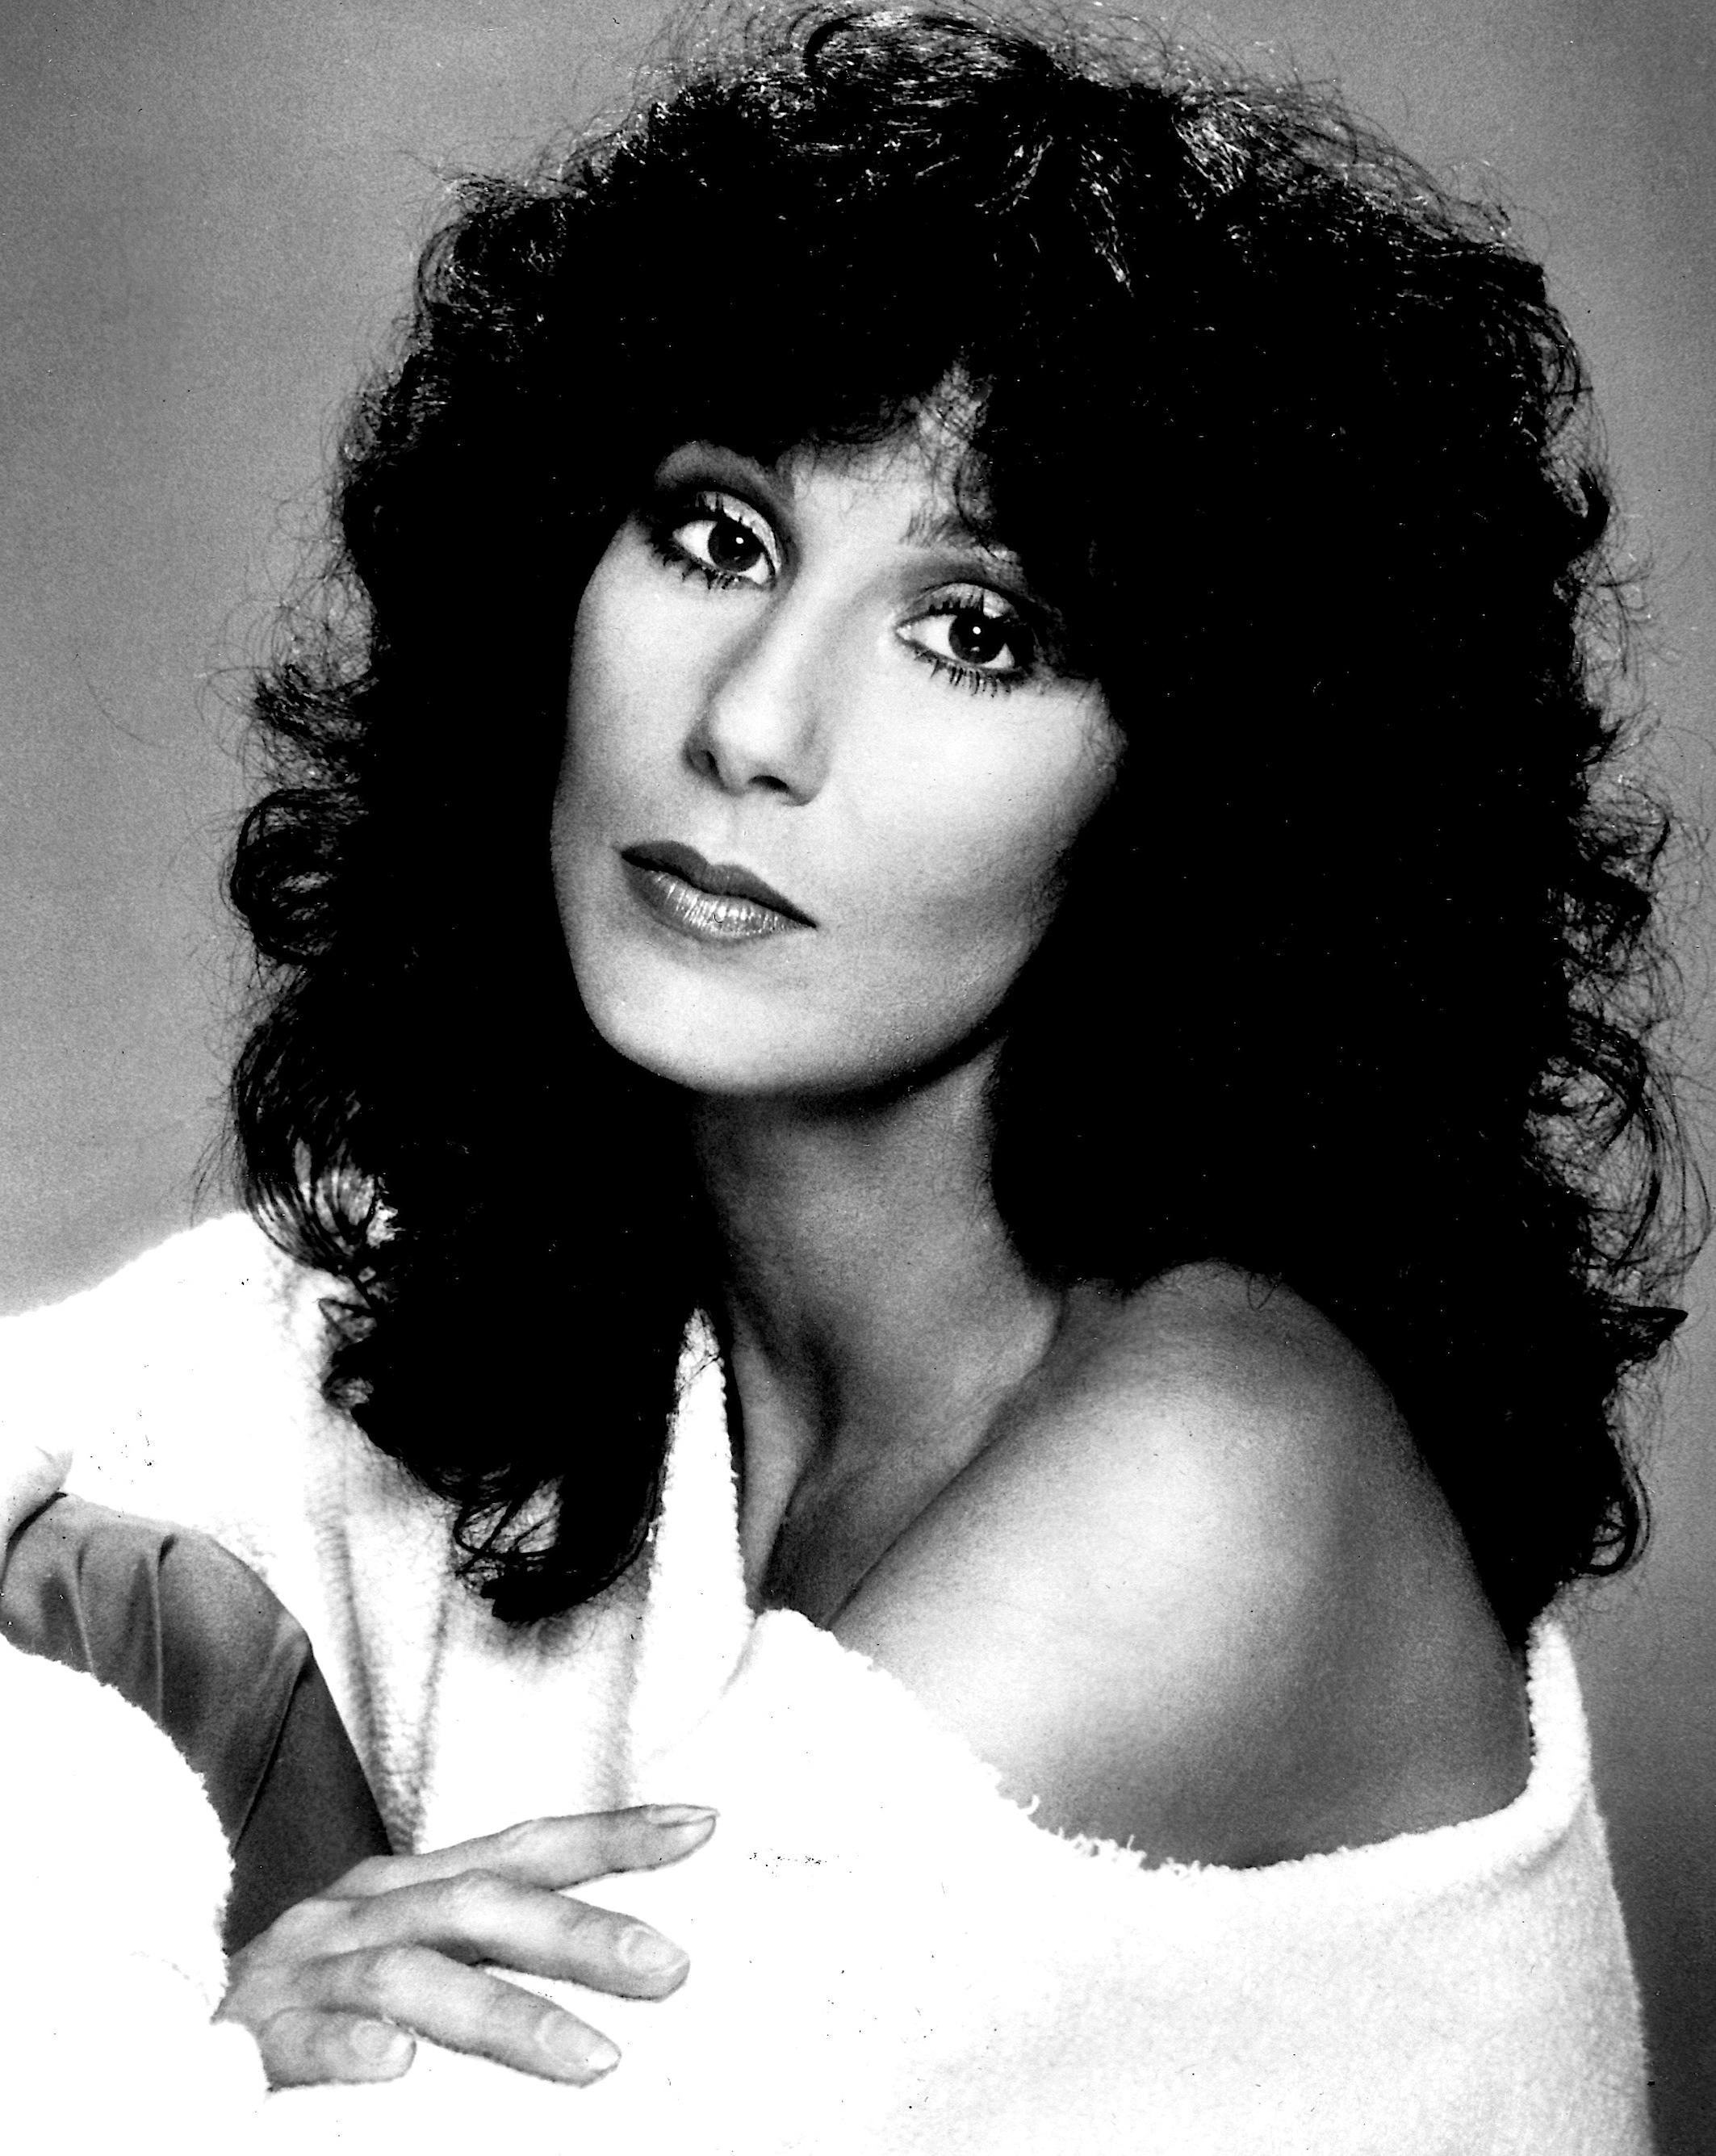 Cher_-_Casablanca-anni 70s